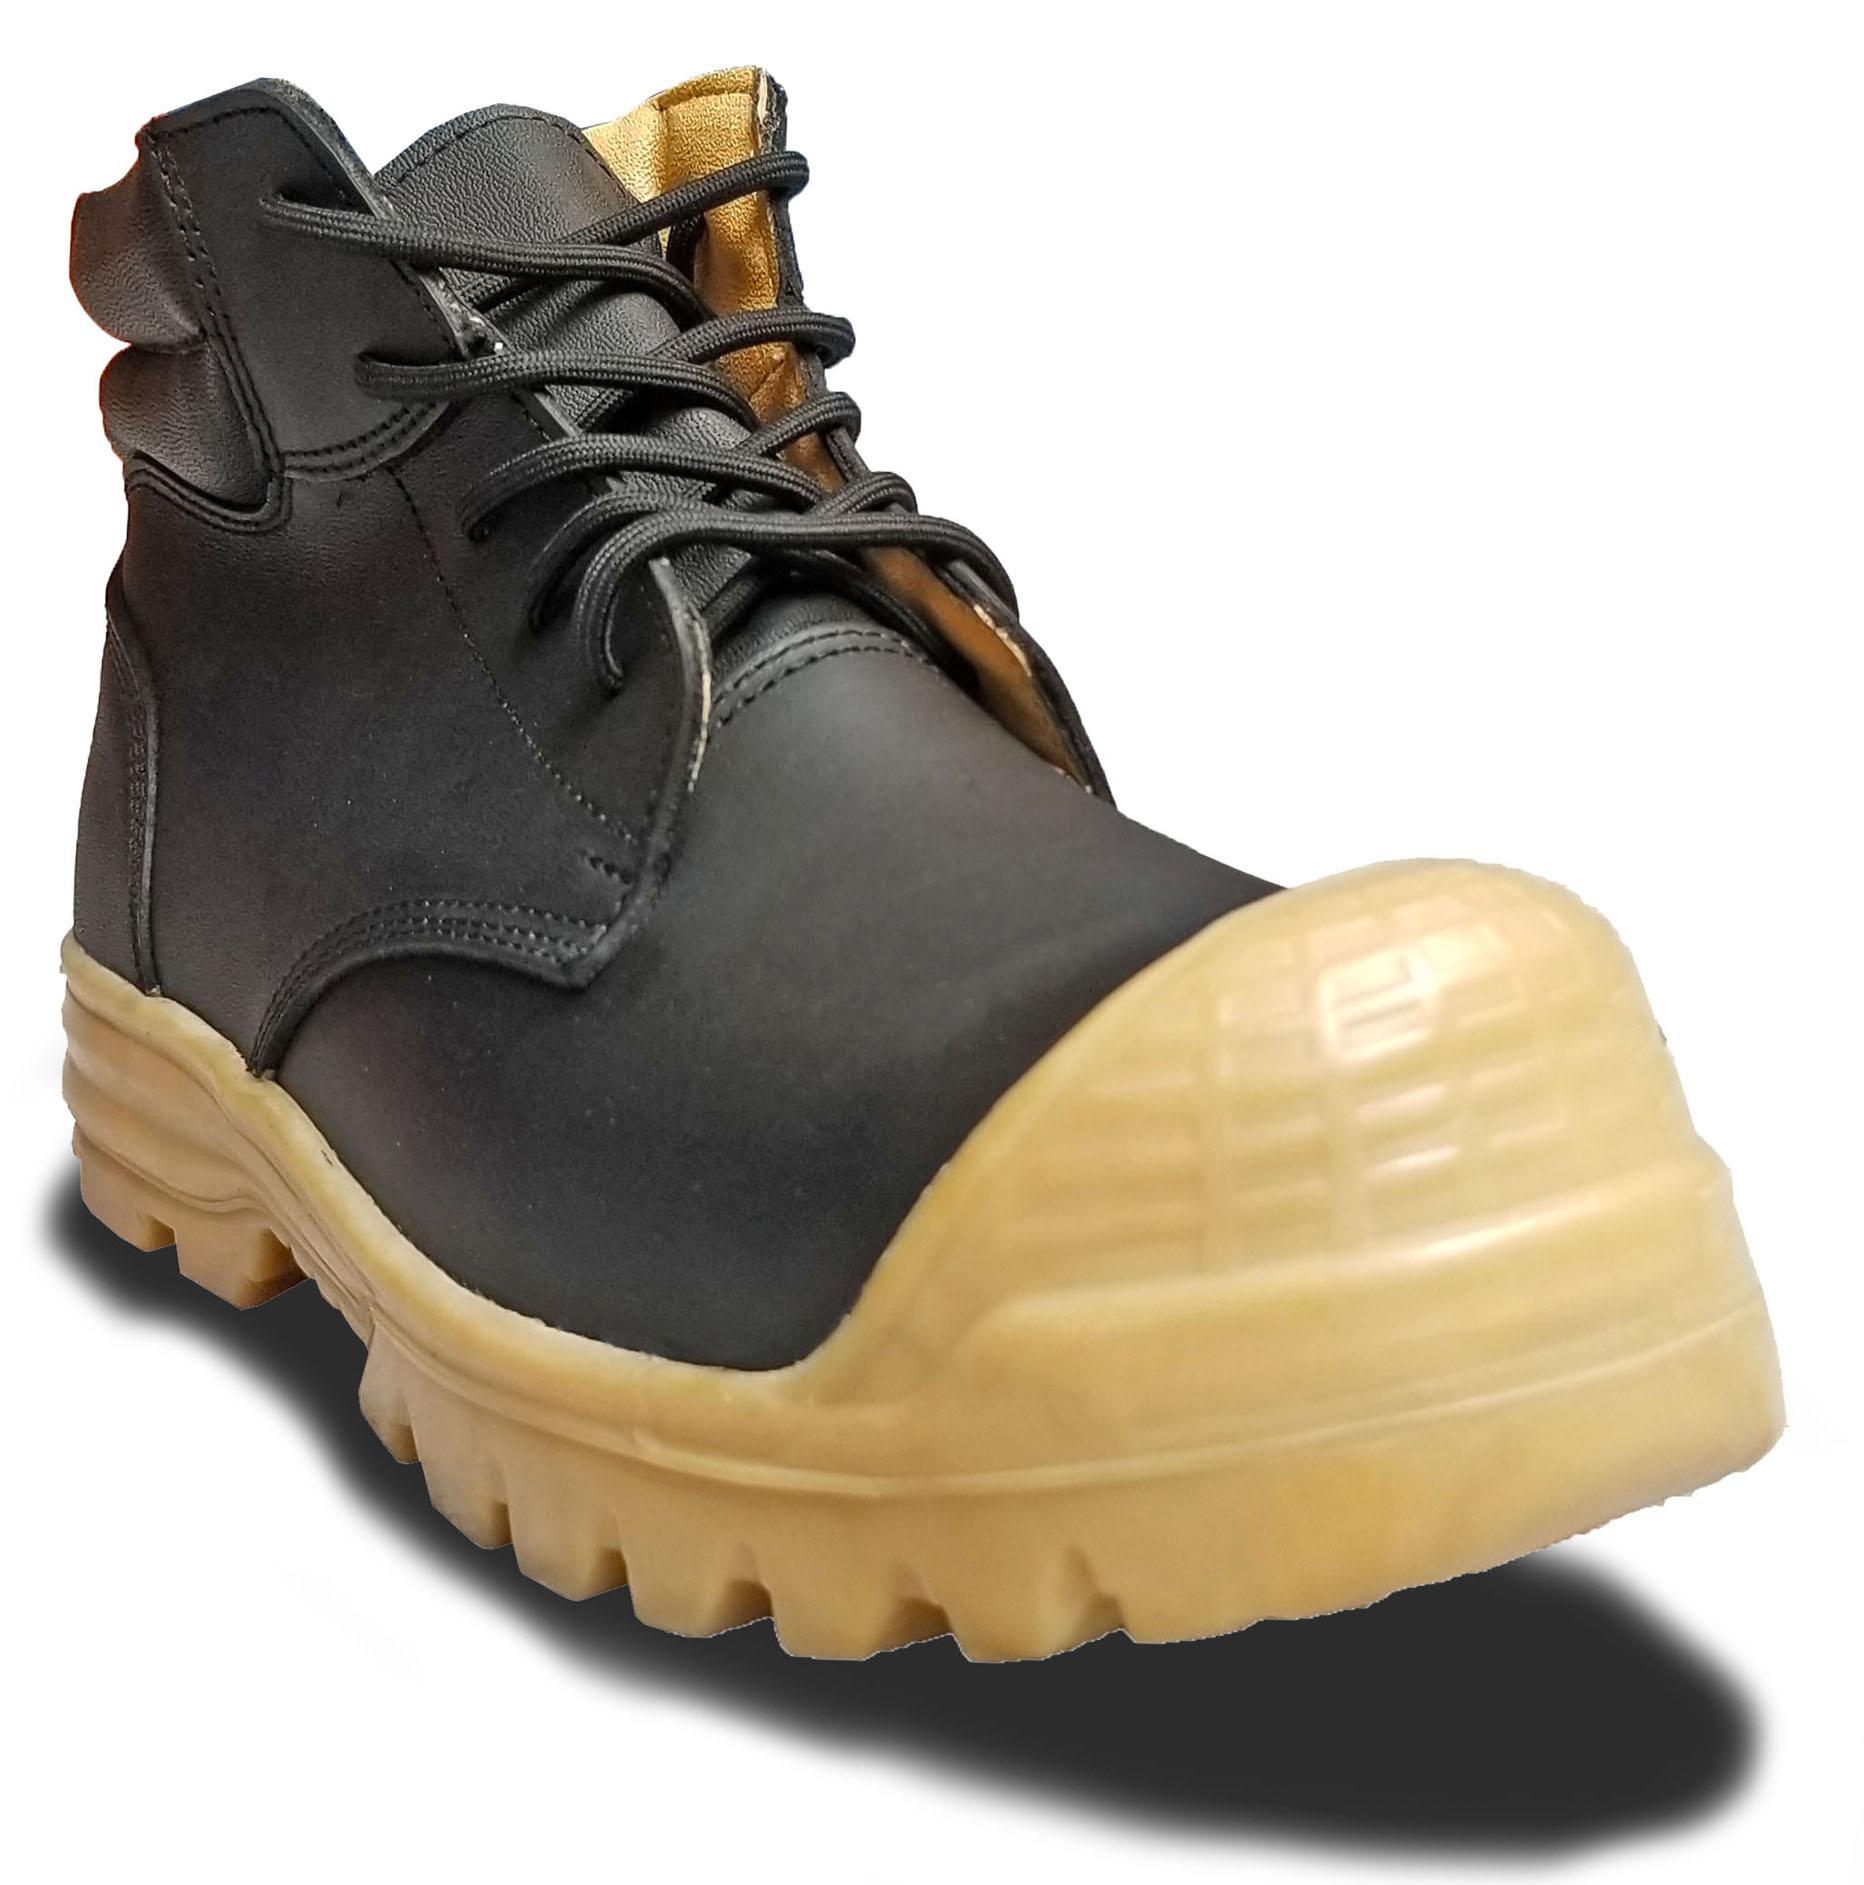 Zapato De Seguridad Dielectrico Reforzado